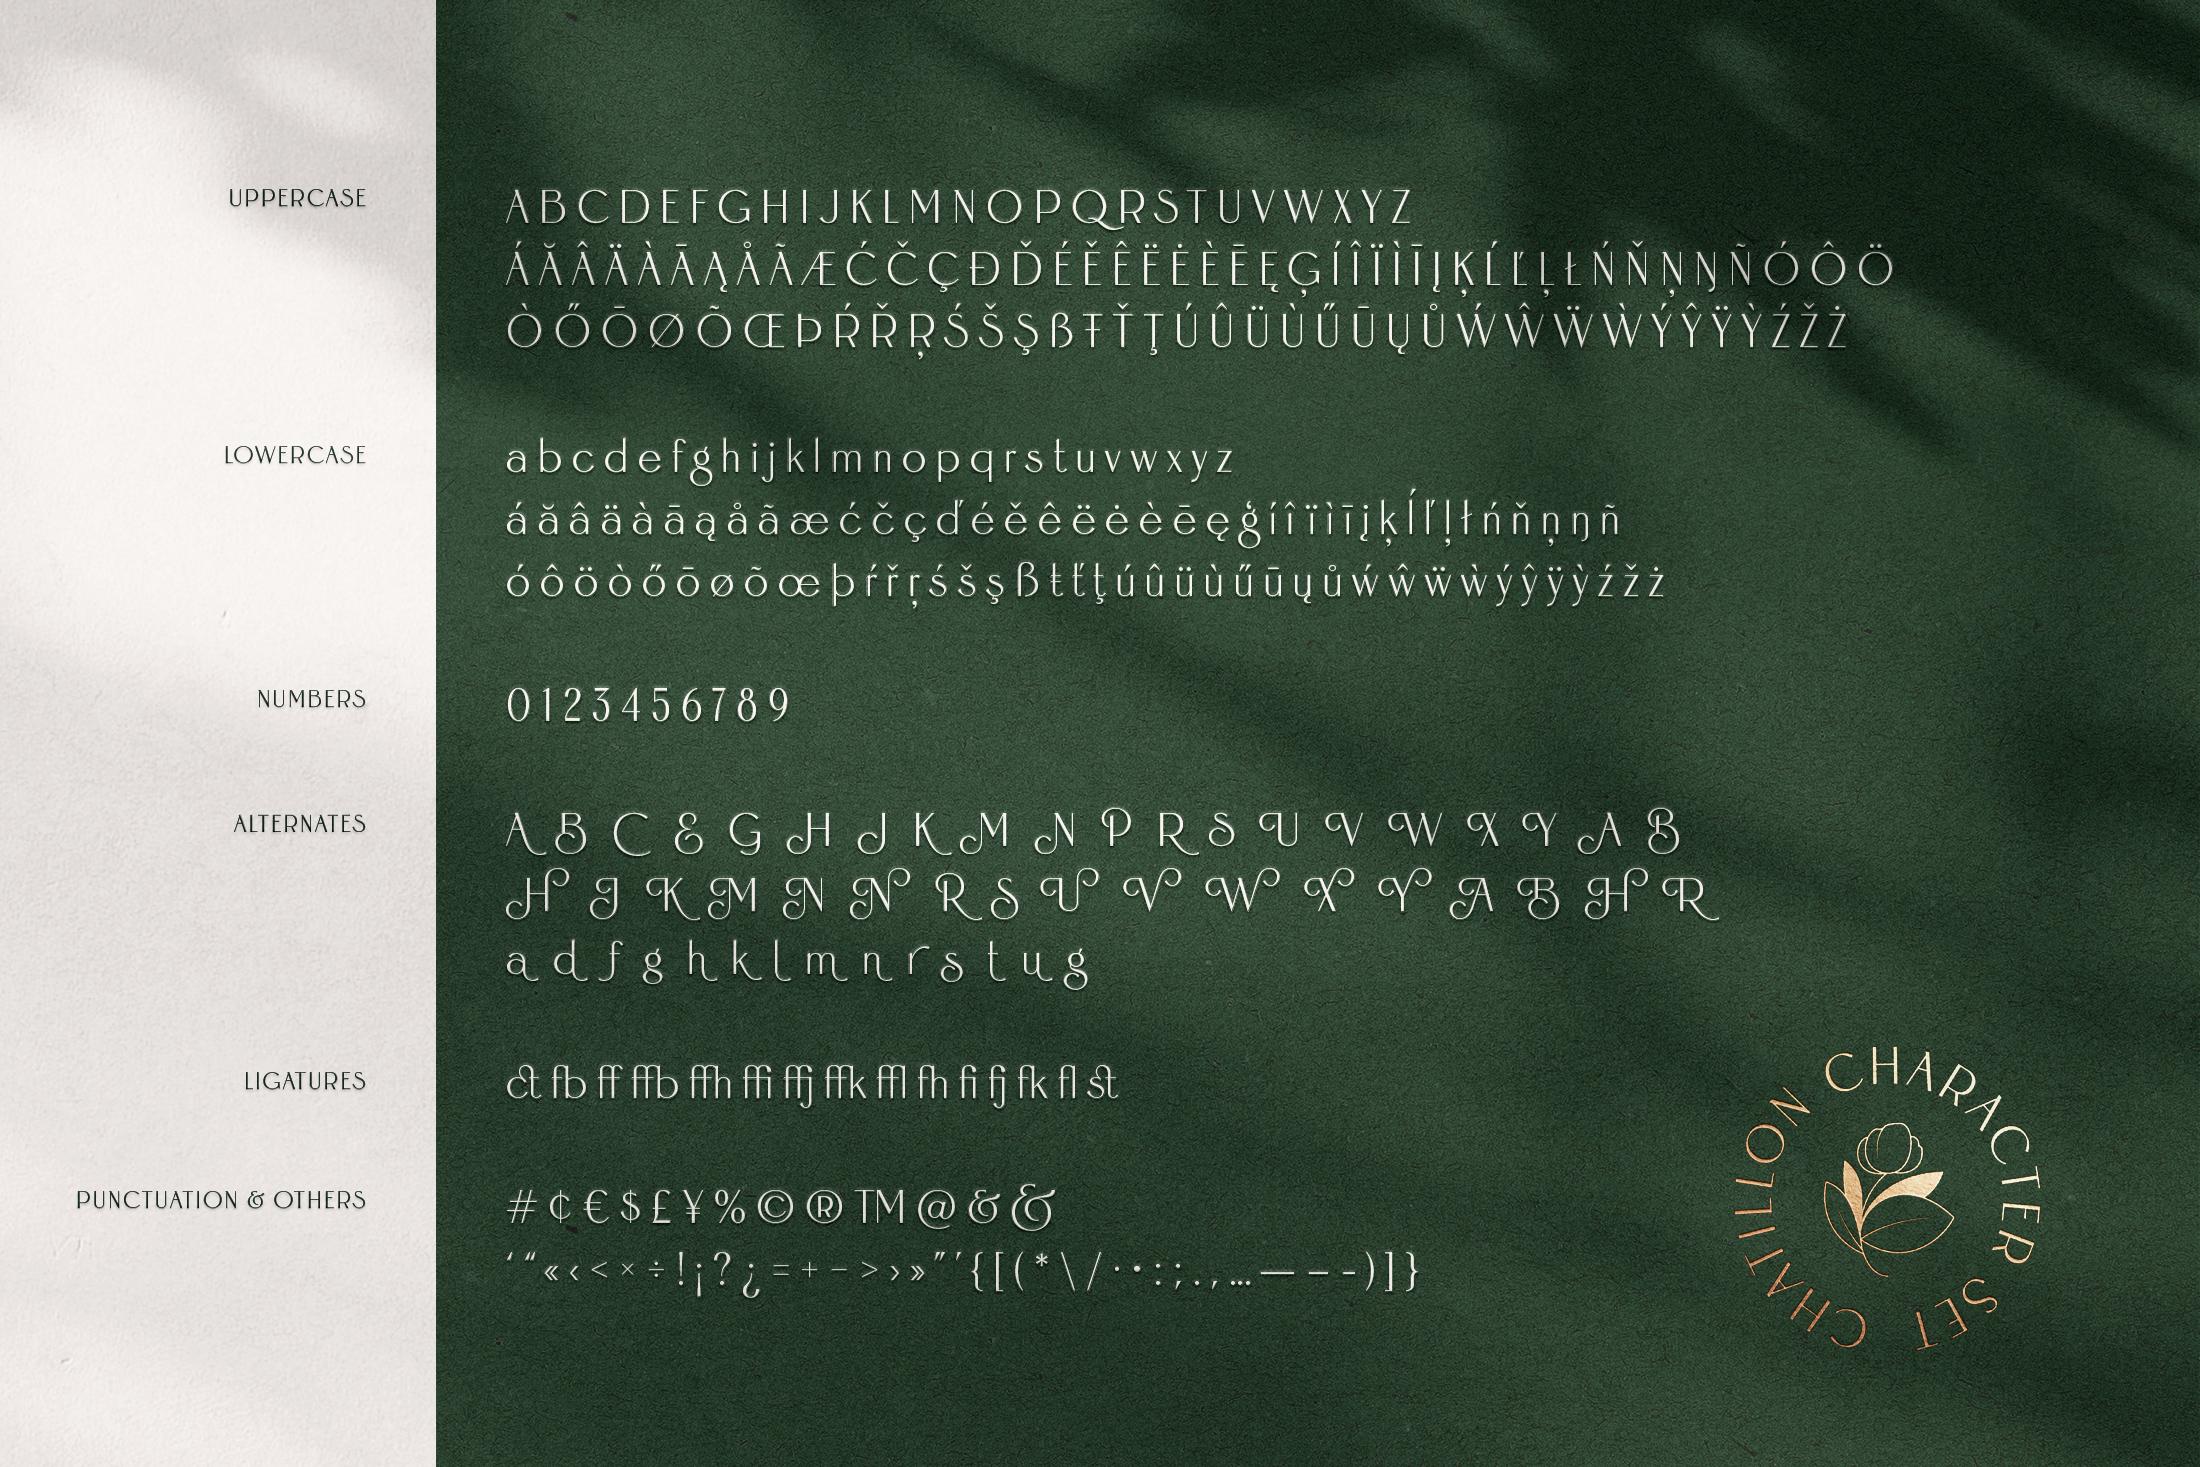 フォント好きへ贈るモダンな英語フォント大全集